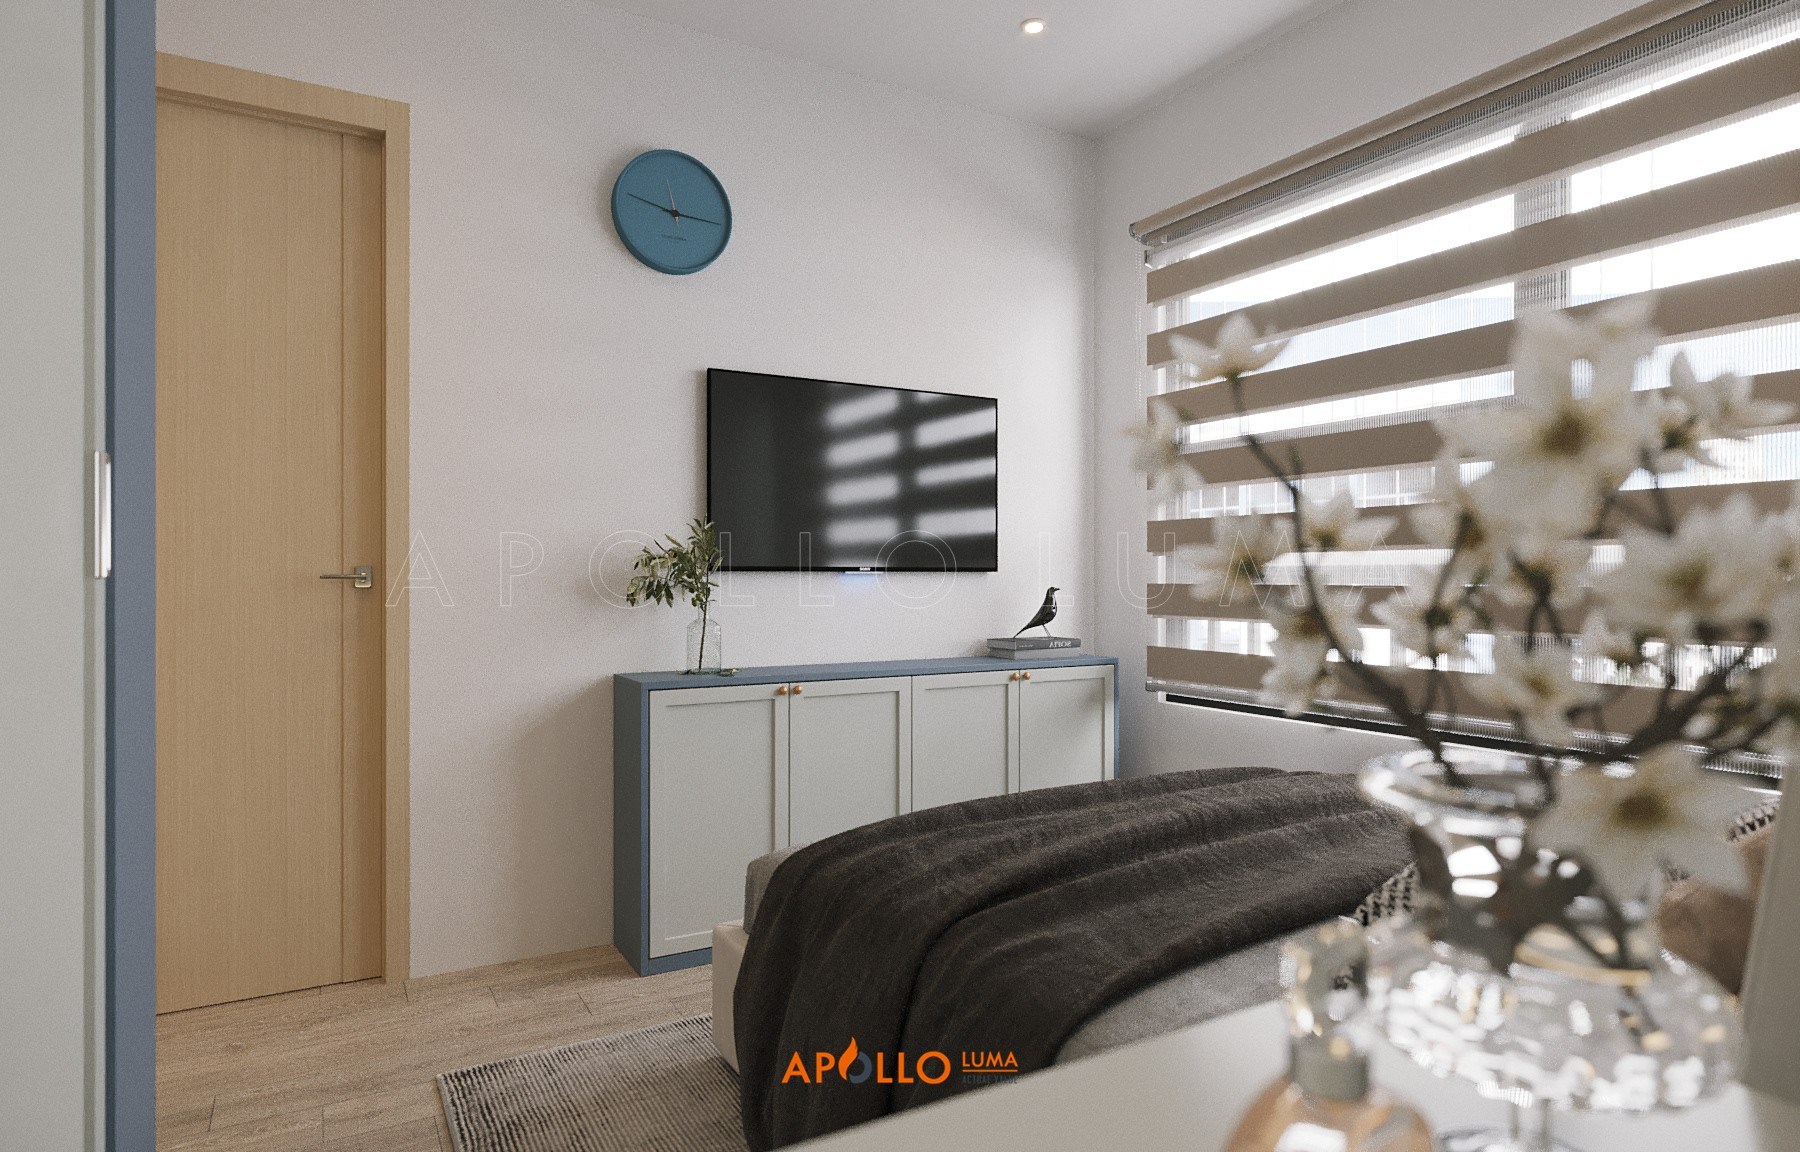 Thiết kế nội thất căn hộ 2PN+1 (63m2) S1.02-5A Vinhomes Ocean Park phong cách Scandinavian